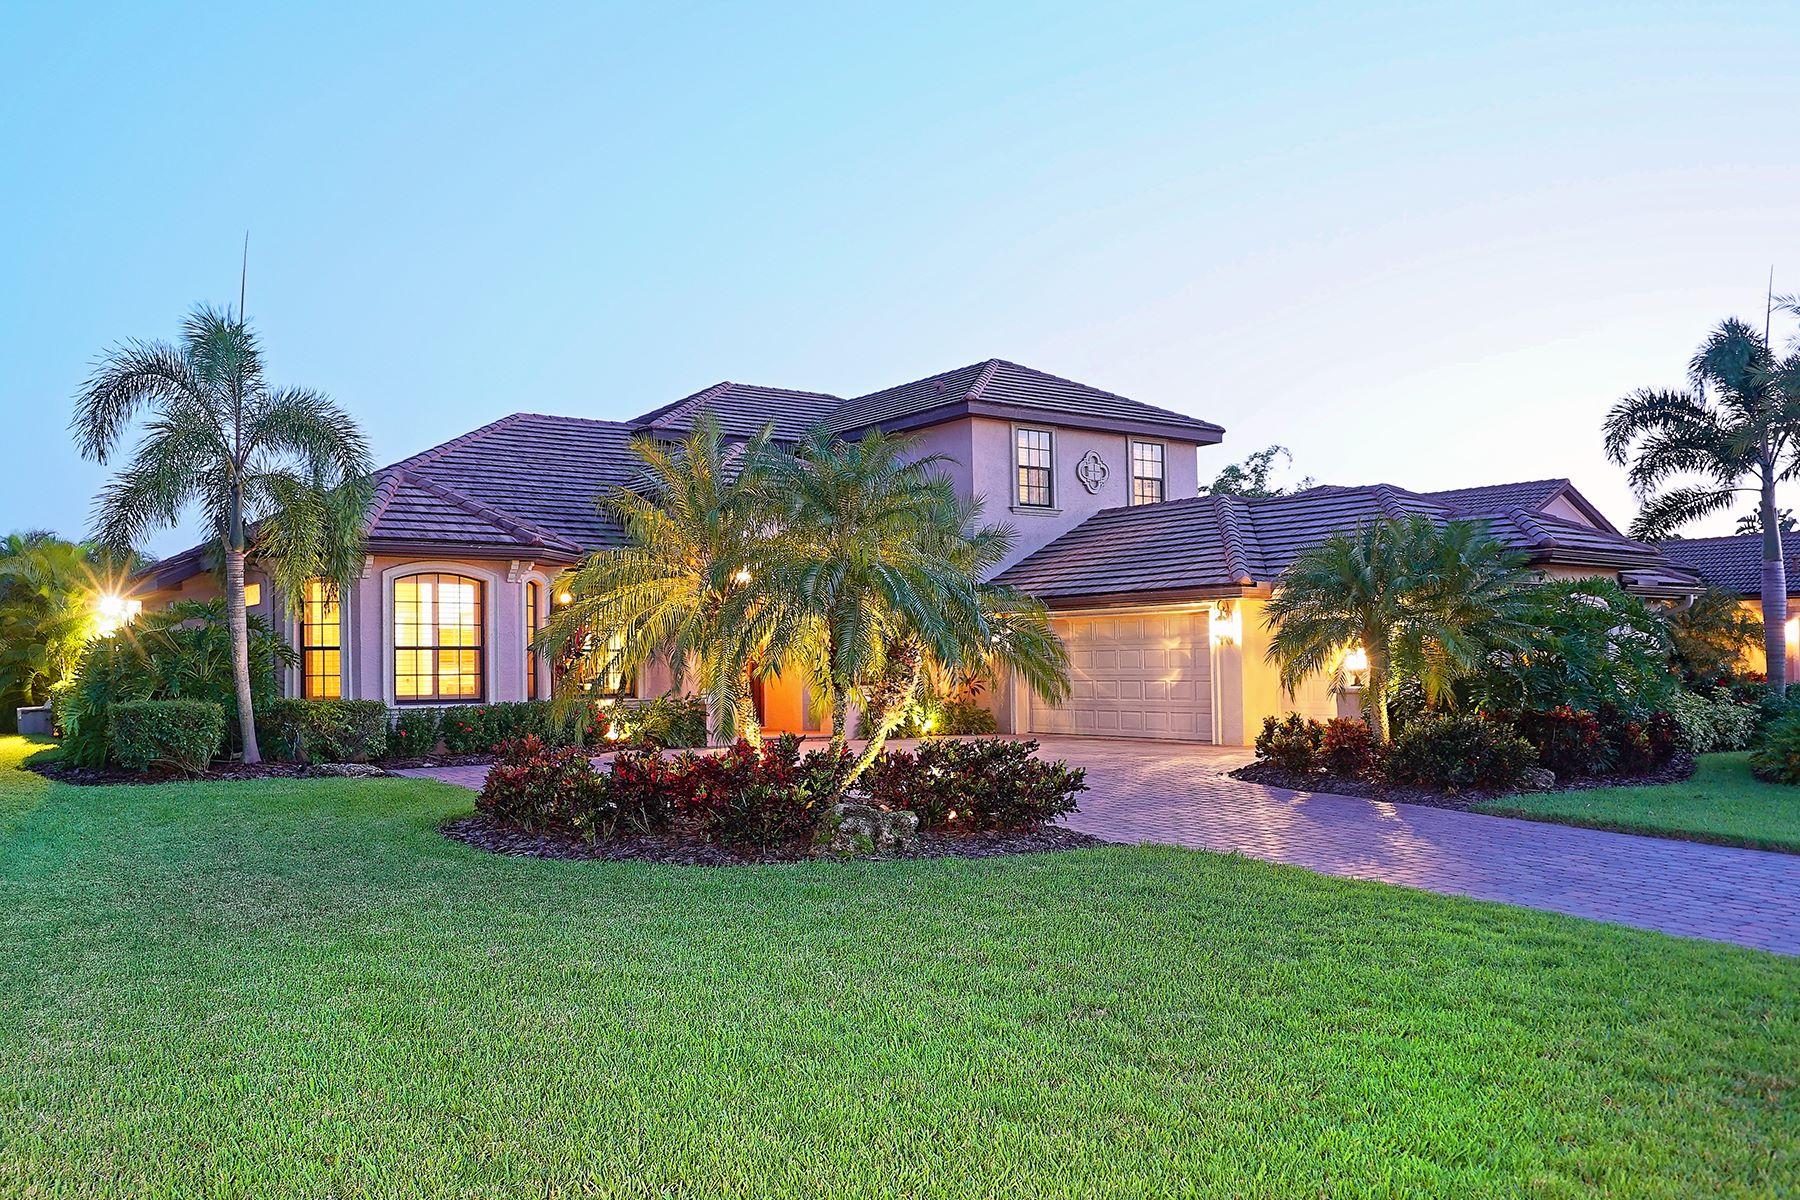 단독 가정 주택 용 매매 에 SARASOTA 7964 Megan Hammock Way Sarasota, 플로리다, 34240 미국